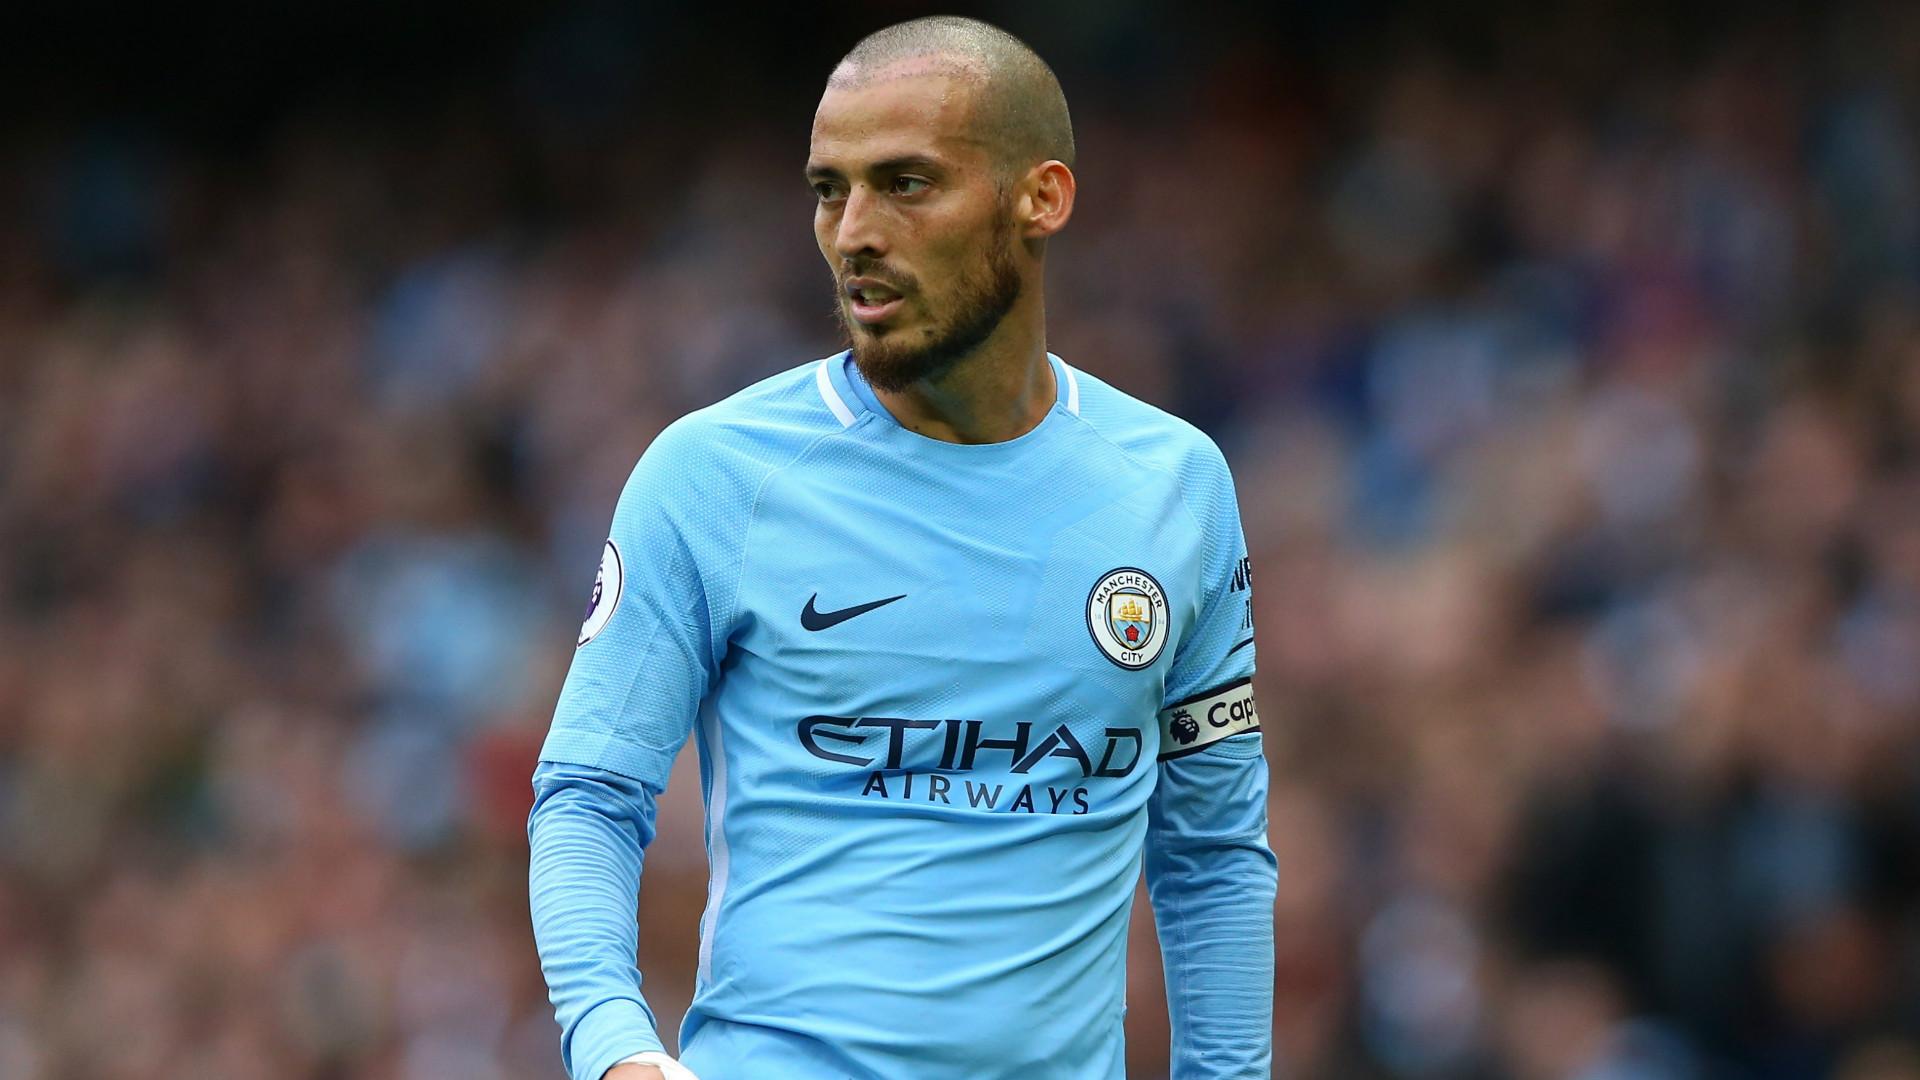 Premier League Most Assists 2017-18: Man City Stars Leroy